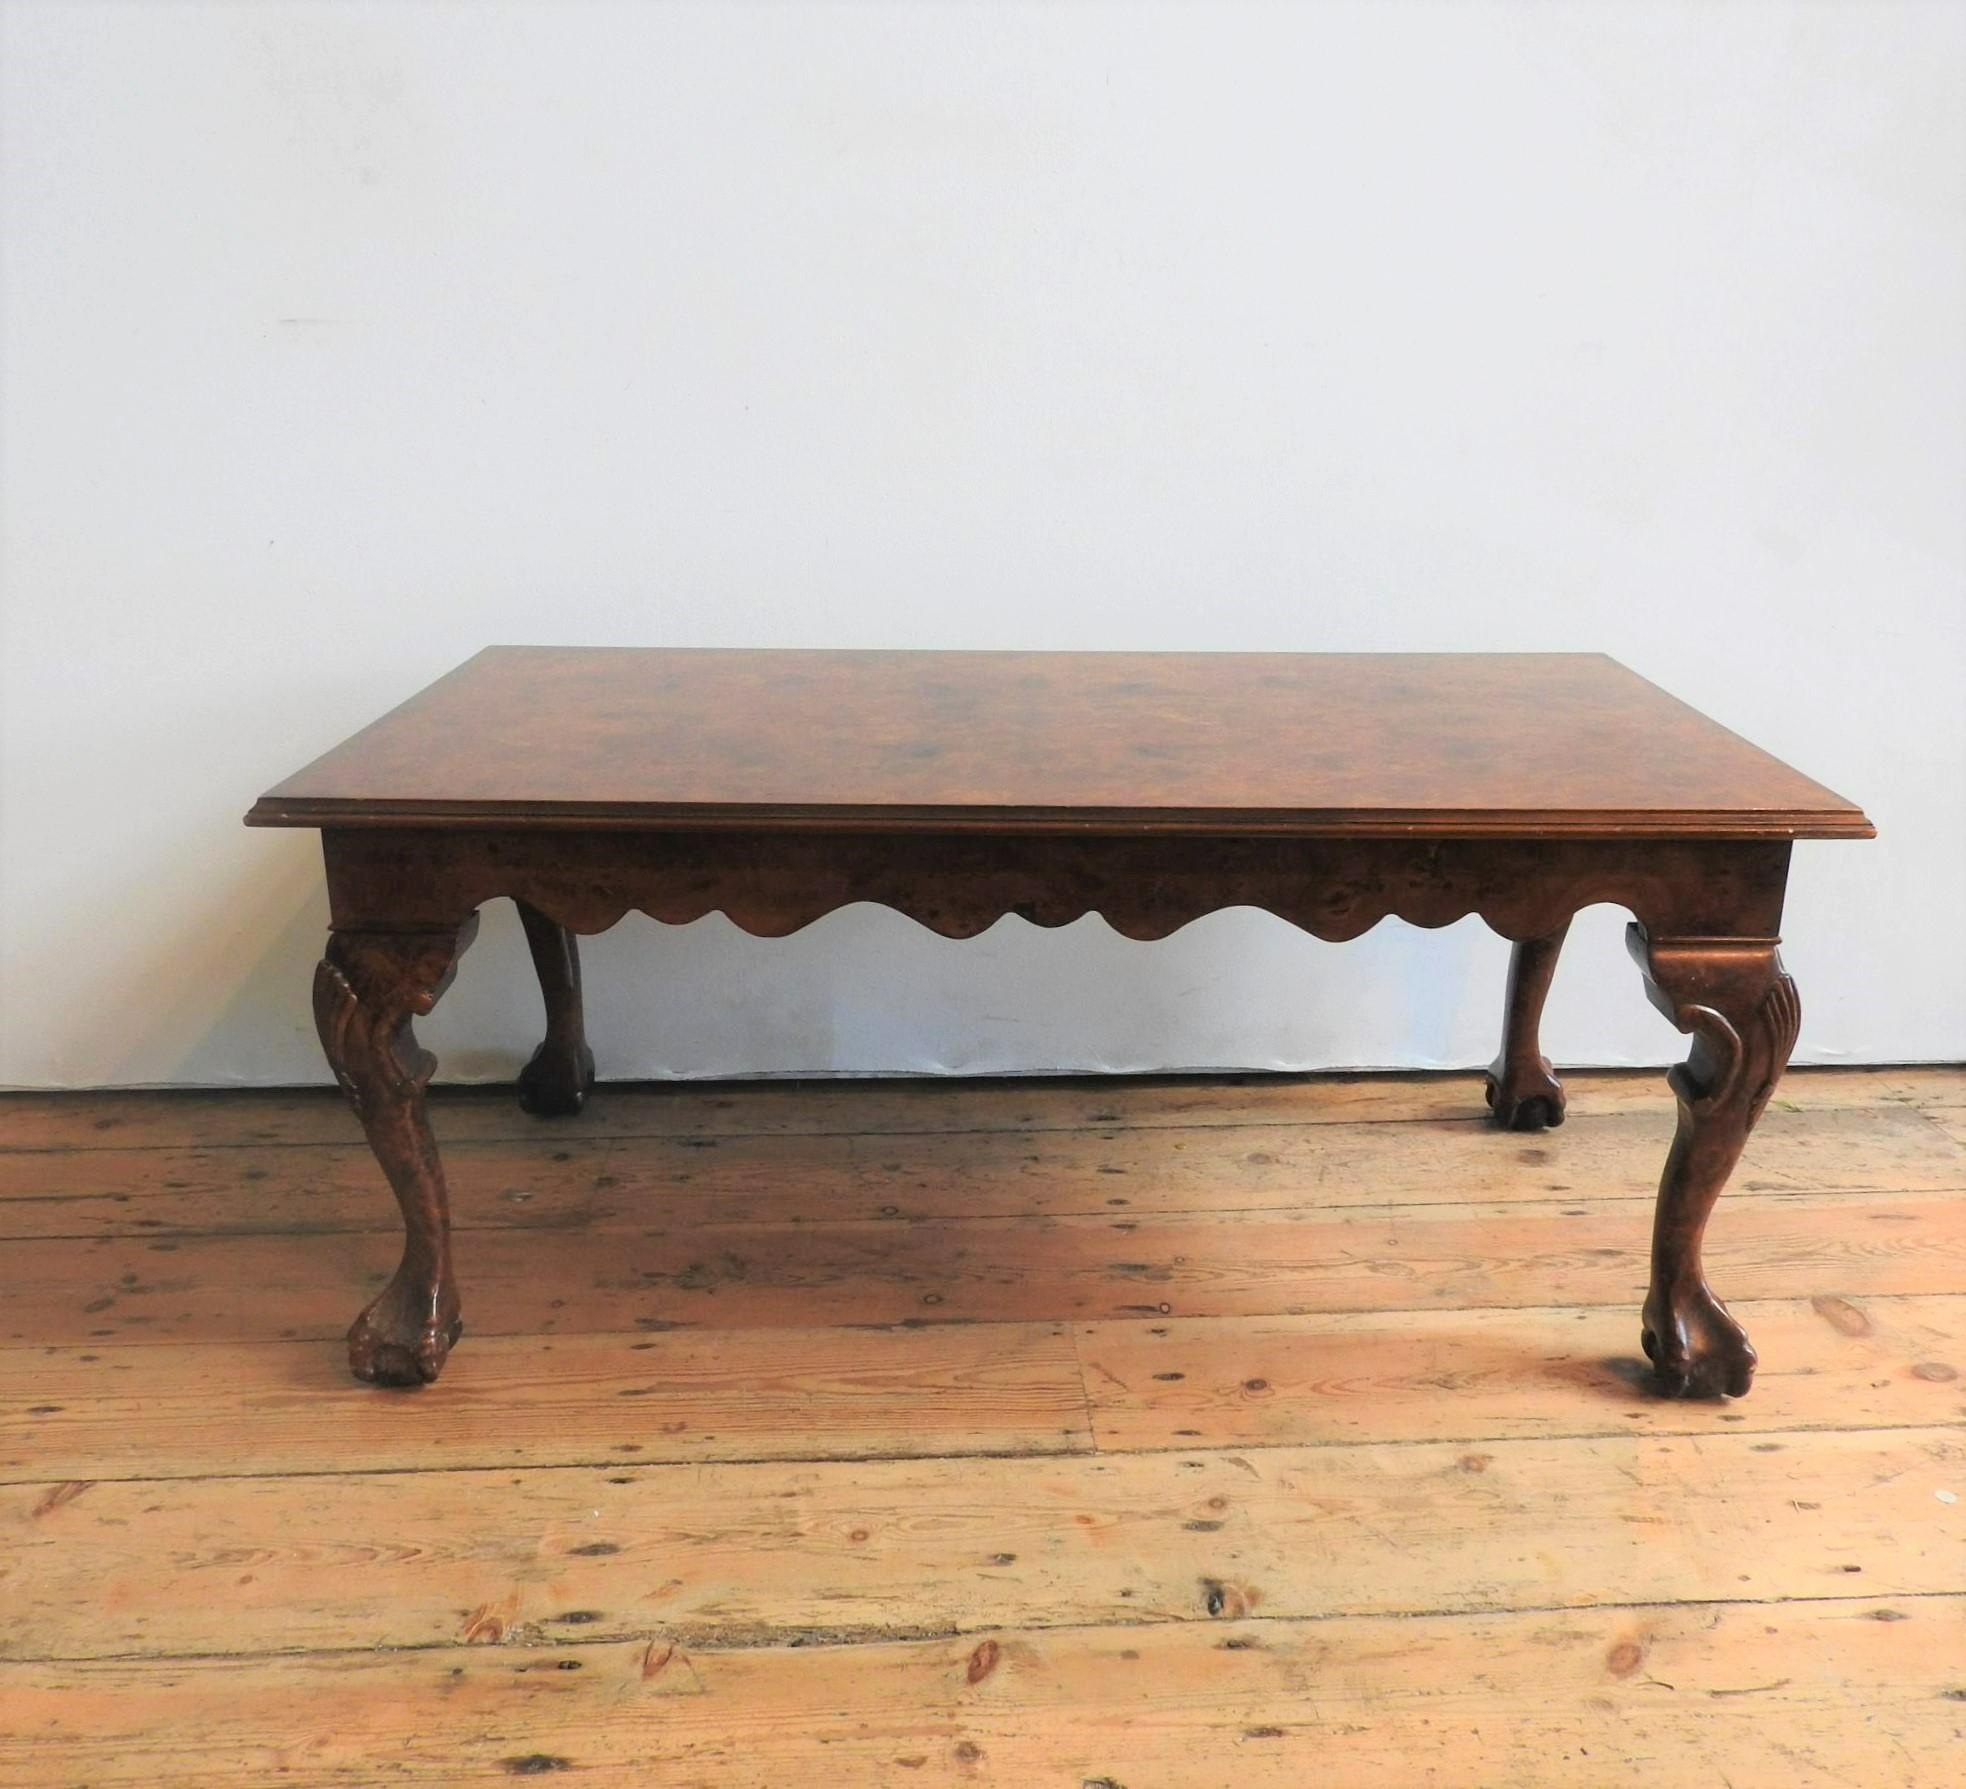 A 20TH CENTURY CLAW FOOT BURR WALNUT EFFECT COFFEE TABLE, 47 x 56 x 107 cm